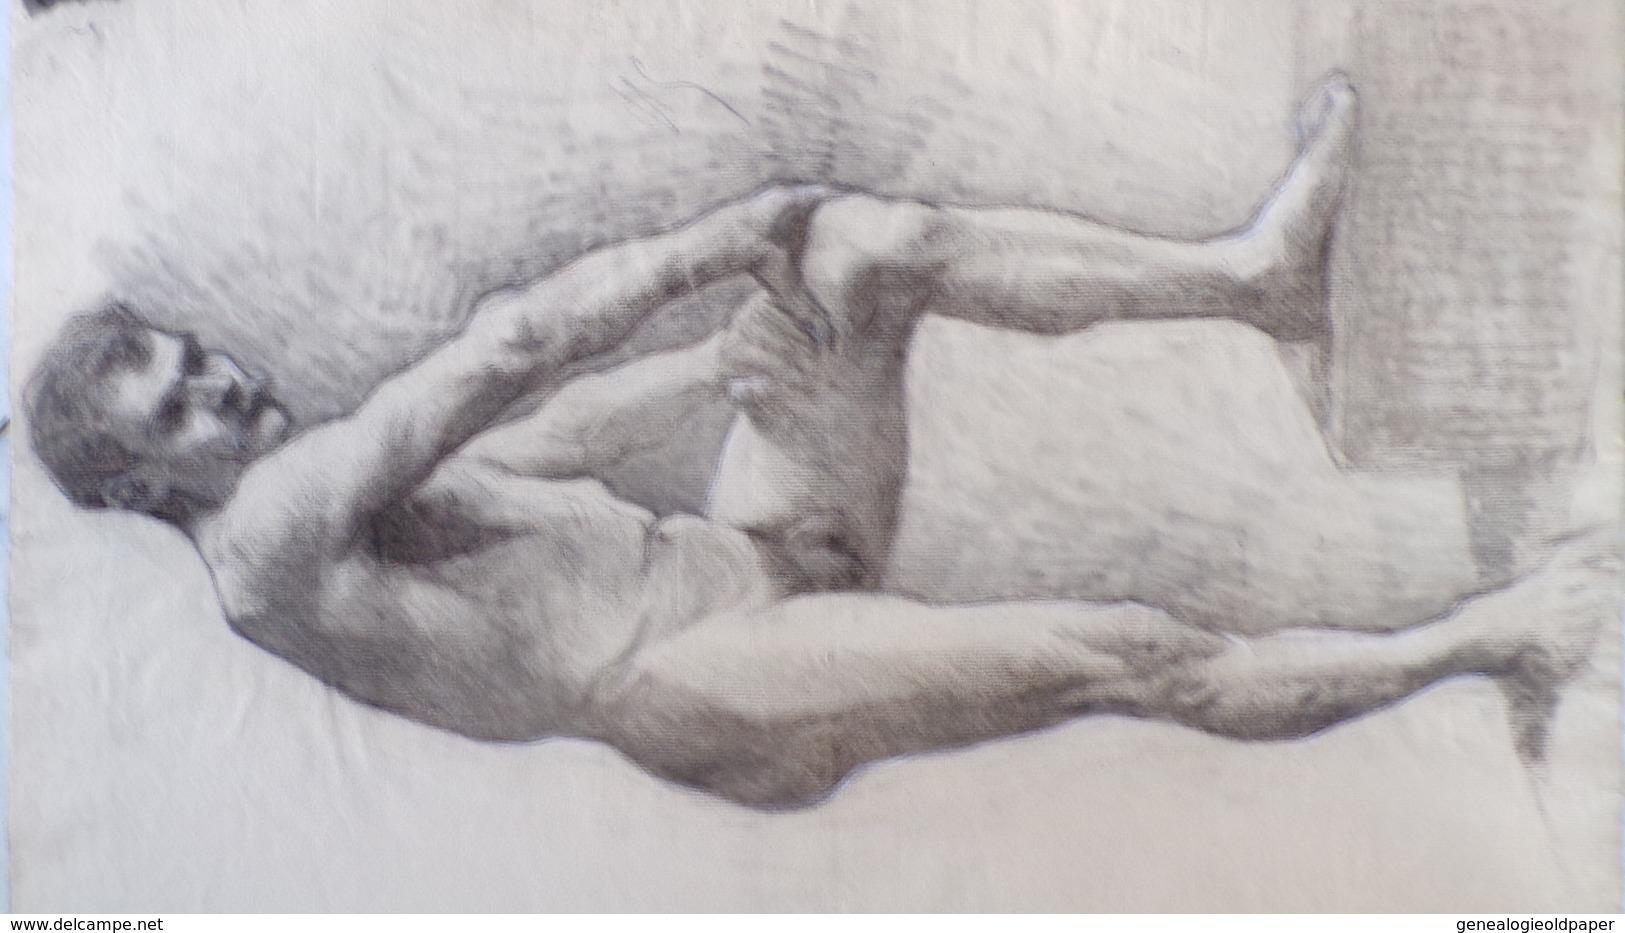 87 - LIMOGES- RARE DESSIN D' HOMME NU -NUDE ATELIER PAUL THOMAS PEINTRE LIMOUSIN 1868-1910 - Dessins